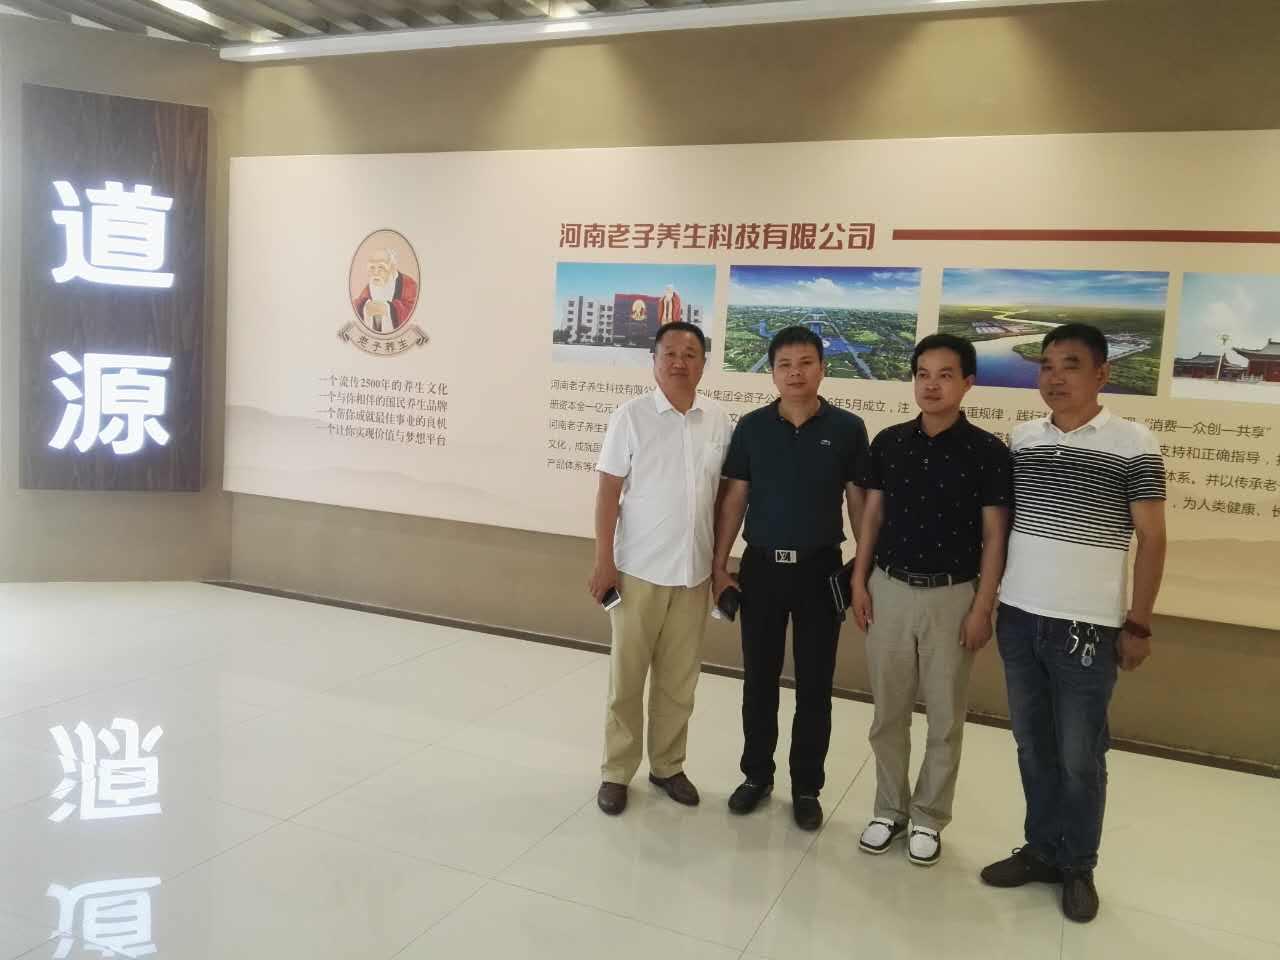 苏博楼企(香港)入资辅仁药业集团发展老子养生事业